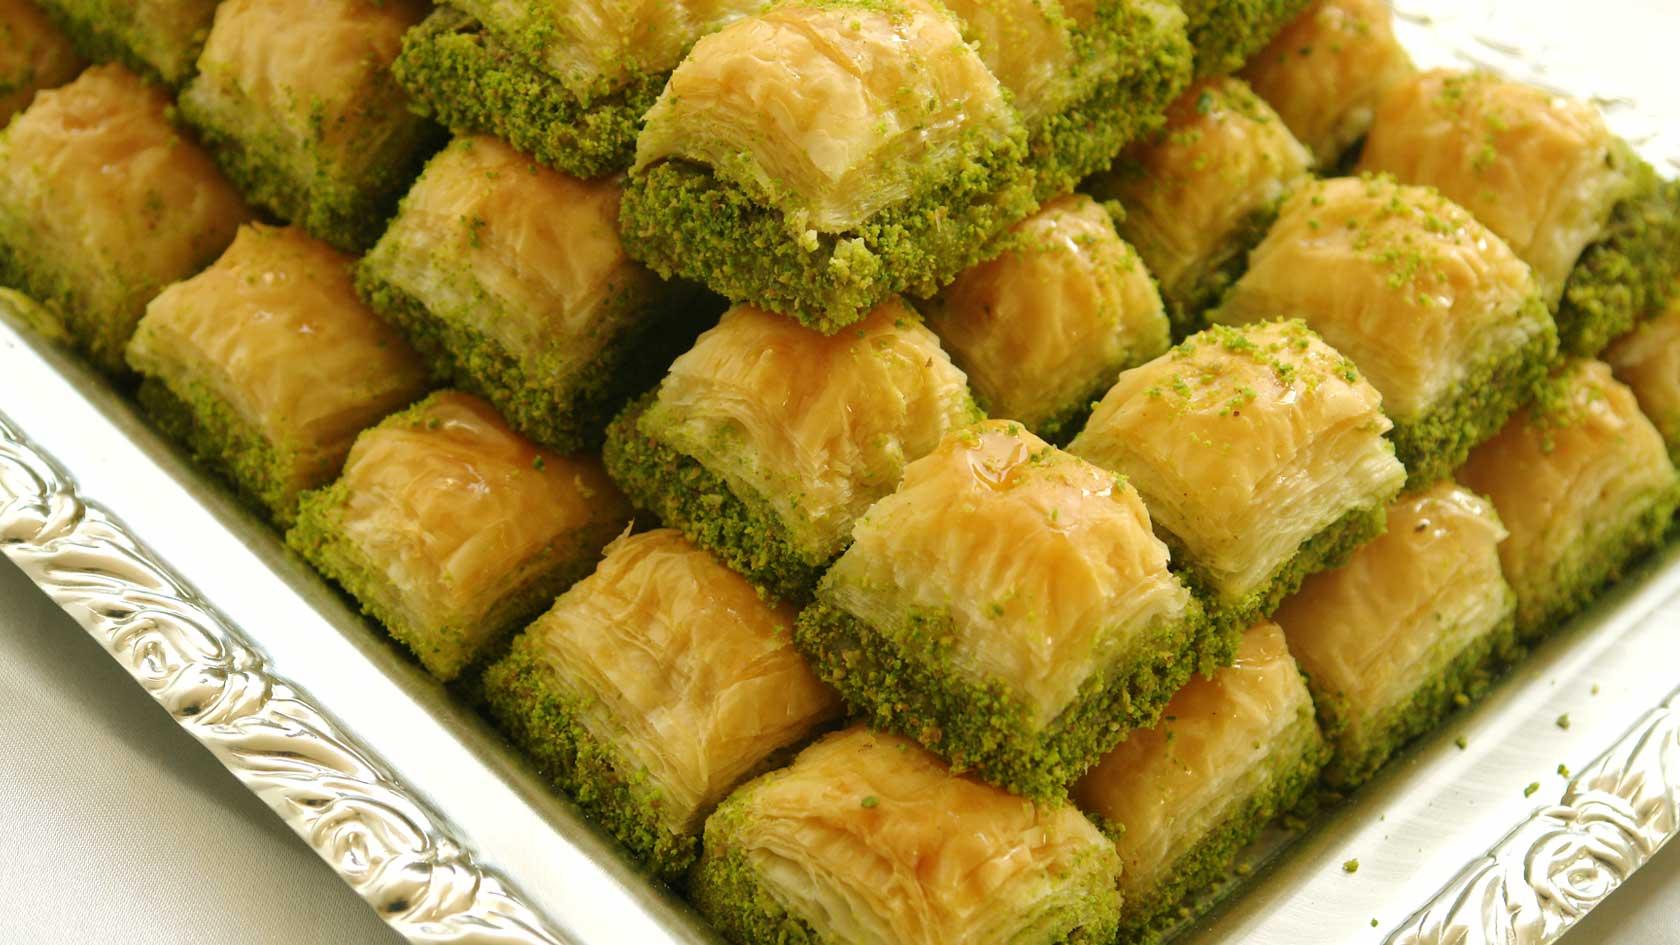 صور صور حلويات , صور اجمل الحلويات الشرقية